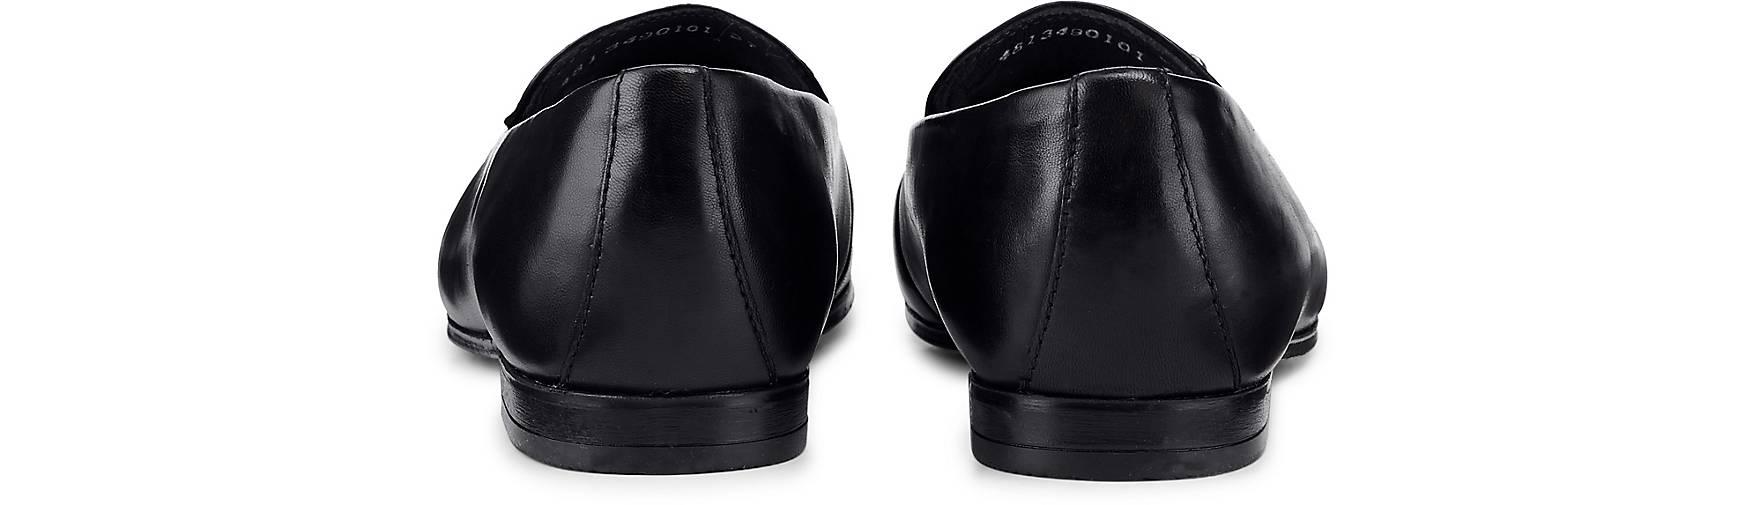 Another A Leder-Slipper in schwarz schwarz schwarz kaufen - 48134901 GÖRTZ Gute Qualität beliebte Schuhe 9b2973